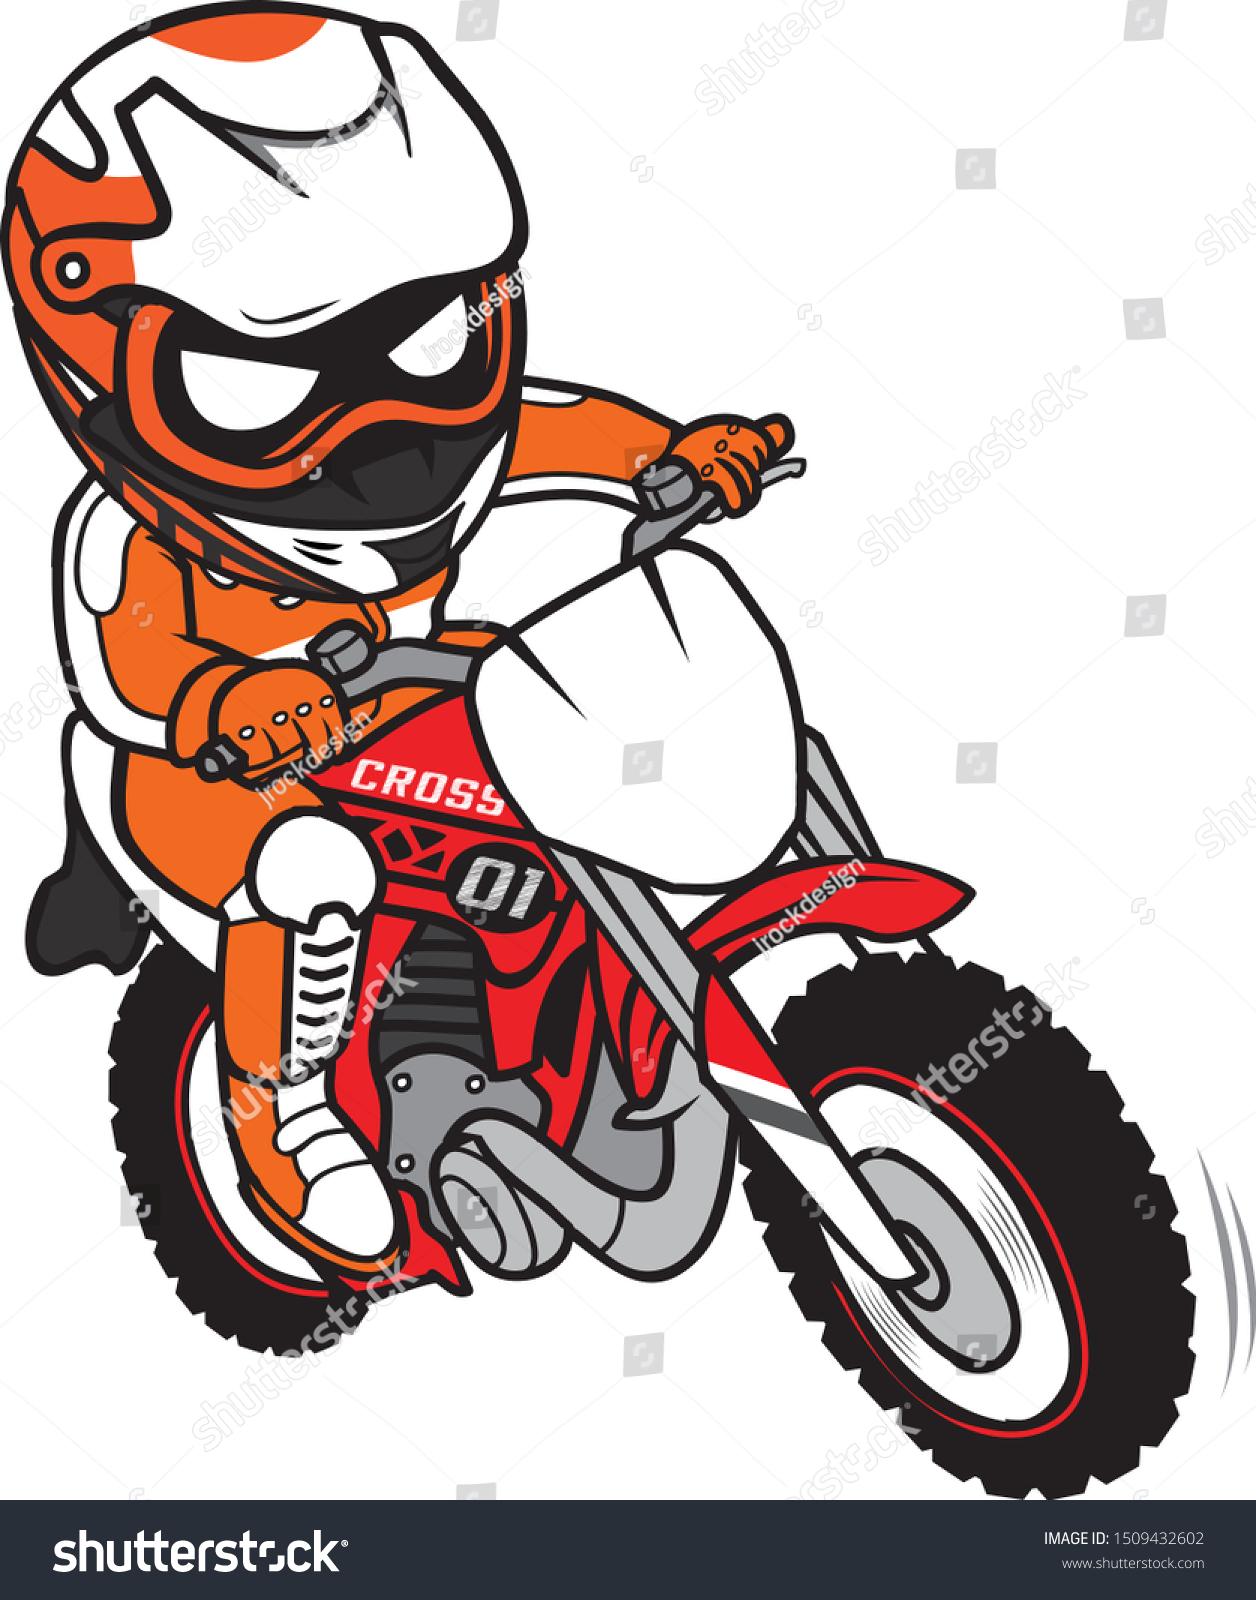 Vetor Stock De Motocross Rider Ride Motorcycle Cartoon Style Livre De Direitos 1509432602